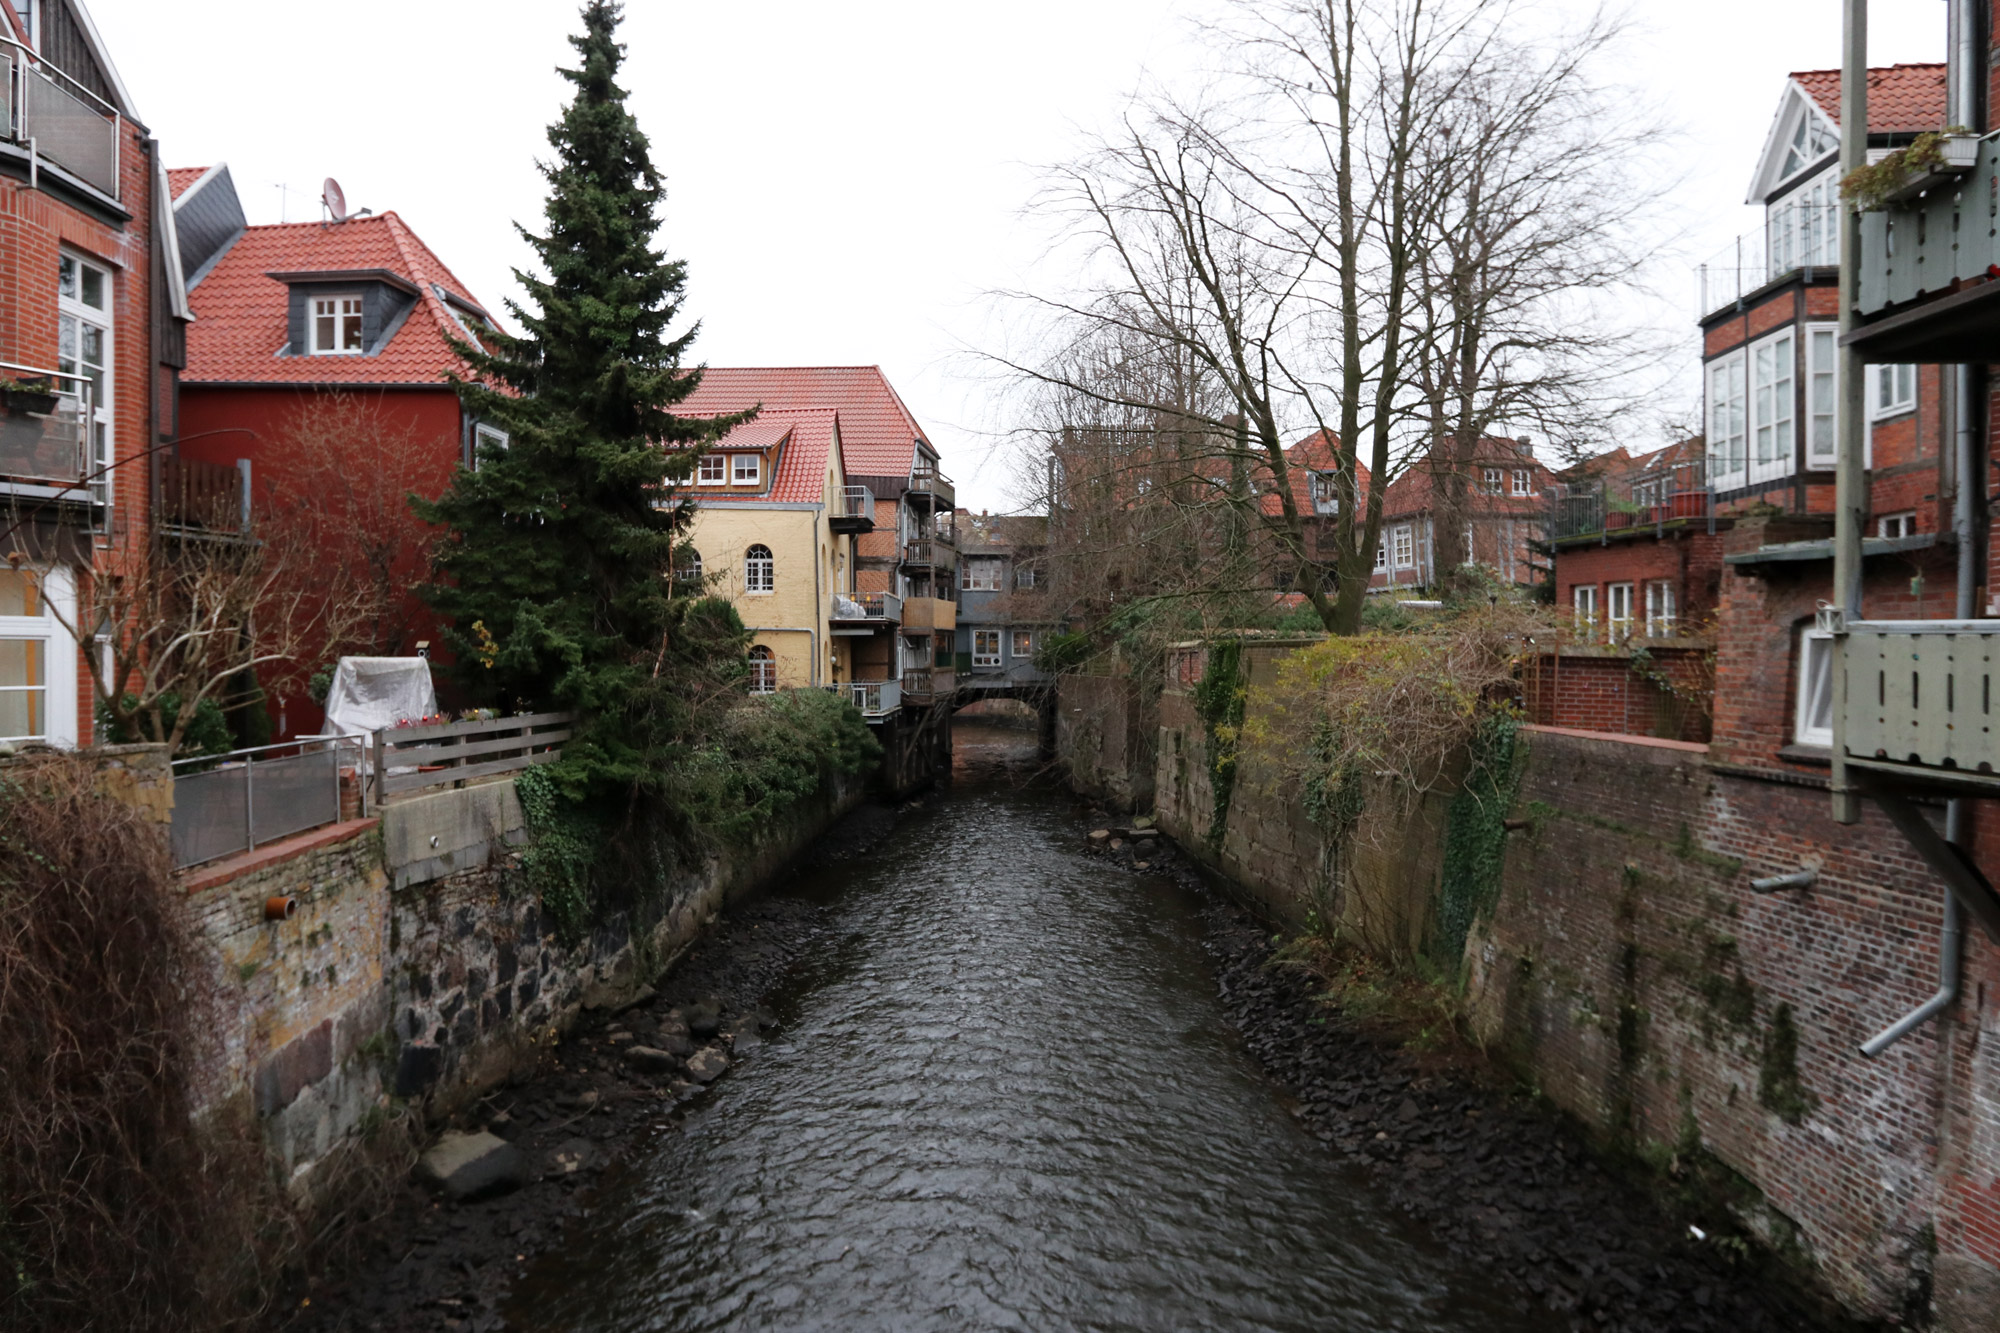 Stedentrip Stade - Nedersaksen - Duitsland